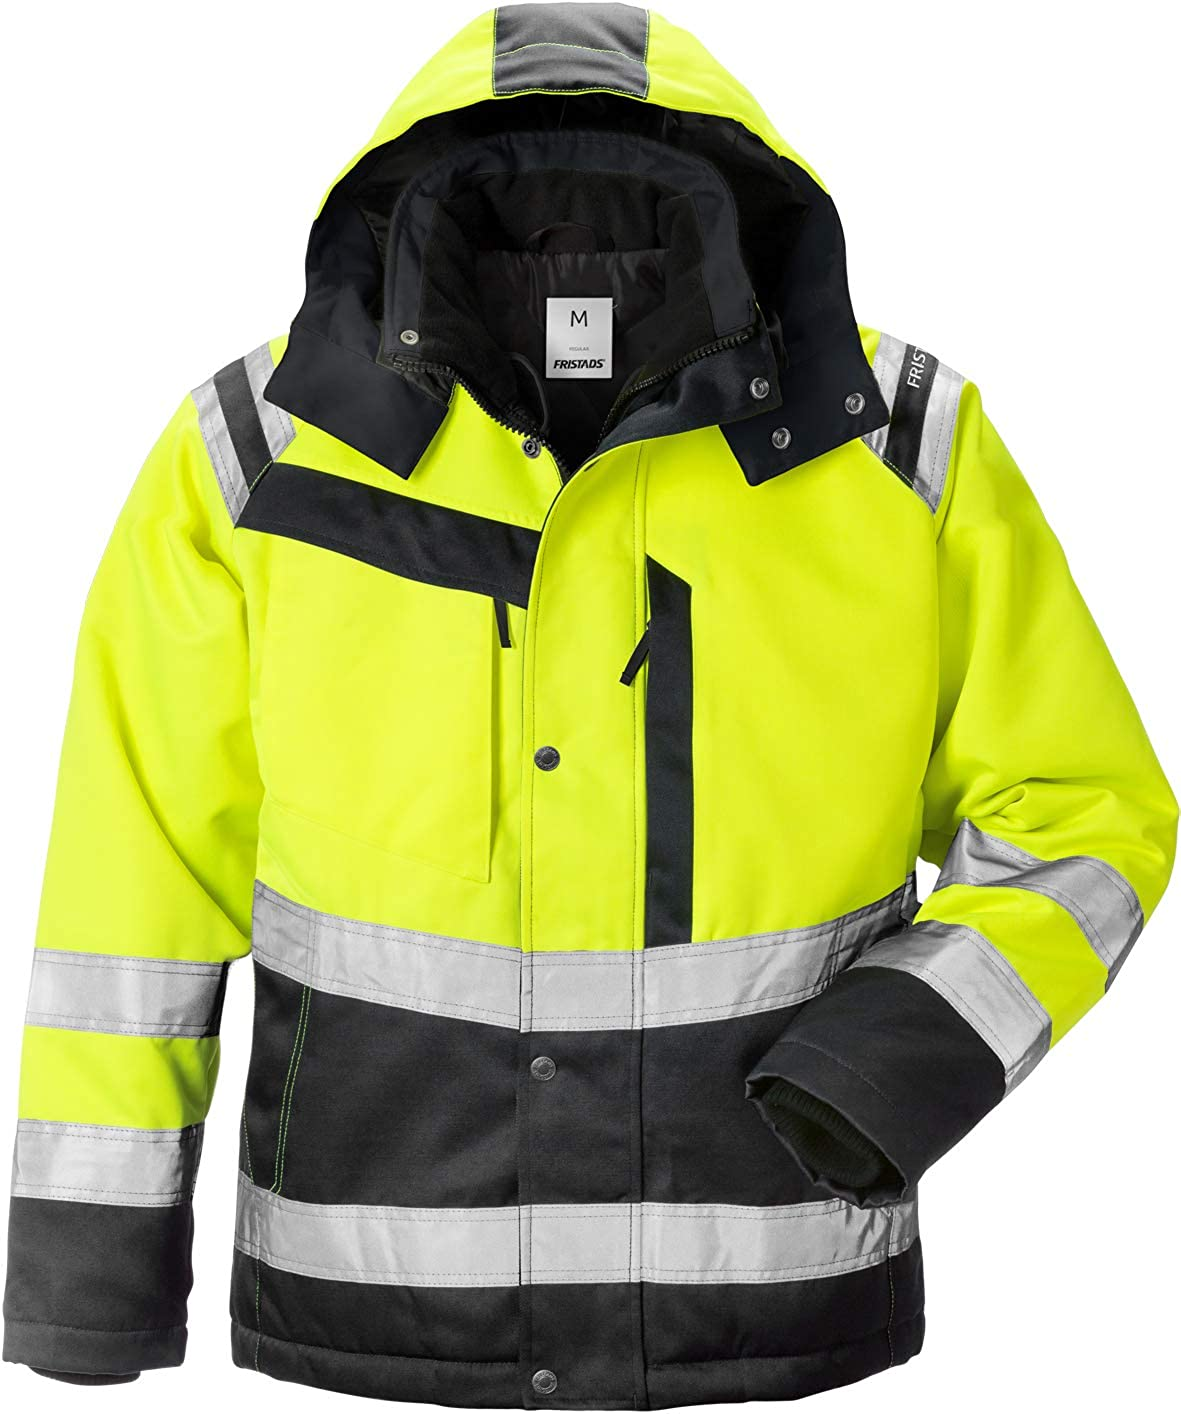 Fristads Workwear 131110 Mens High vis Jacket